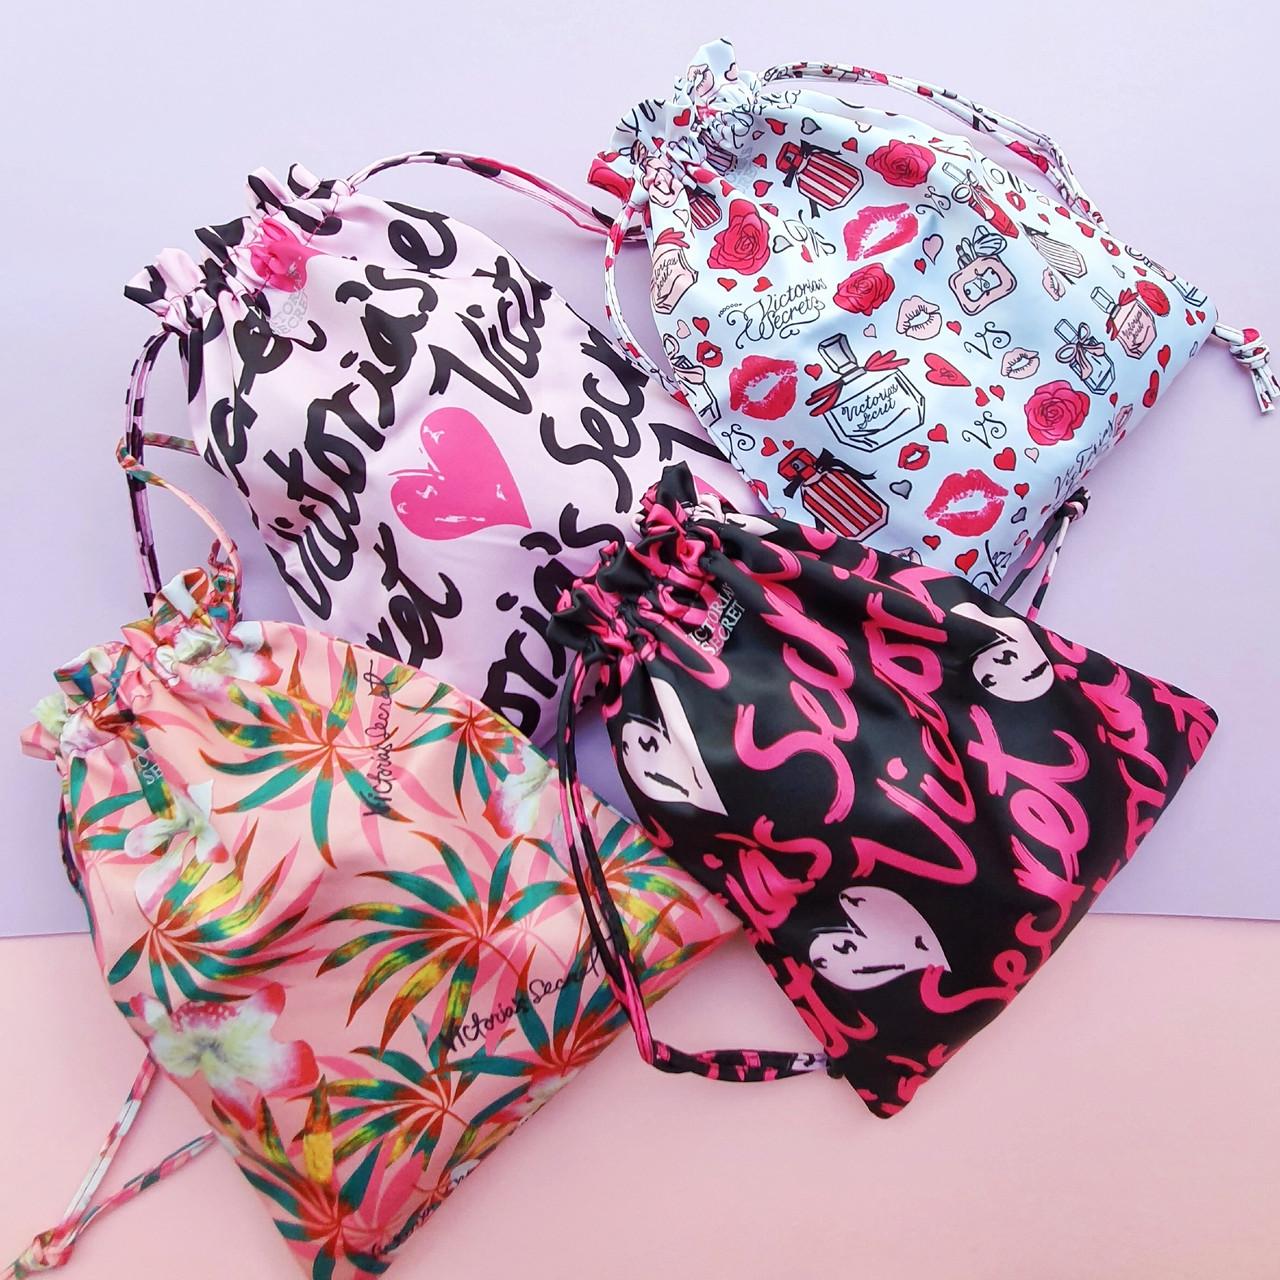 Сумка-мешок женская Victoria's Secret Pink Juice